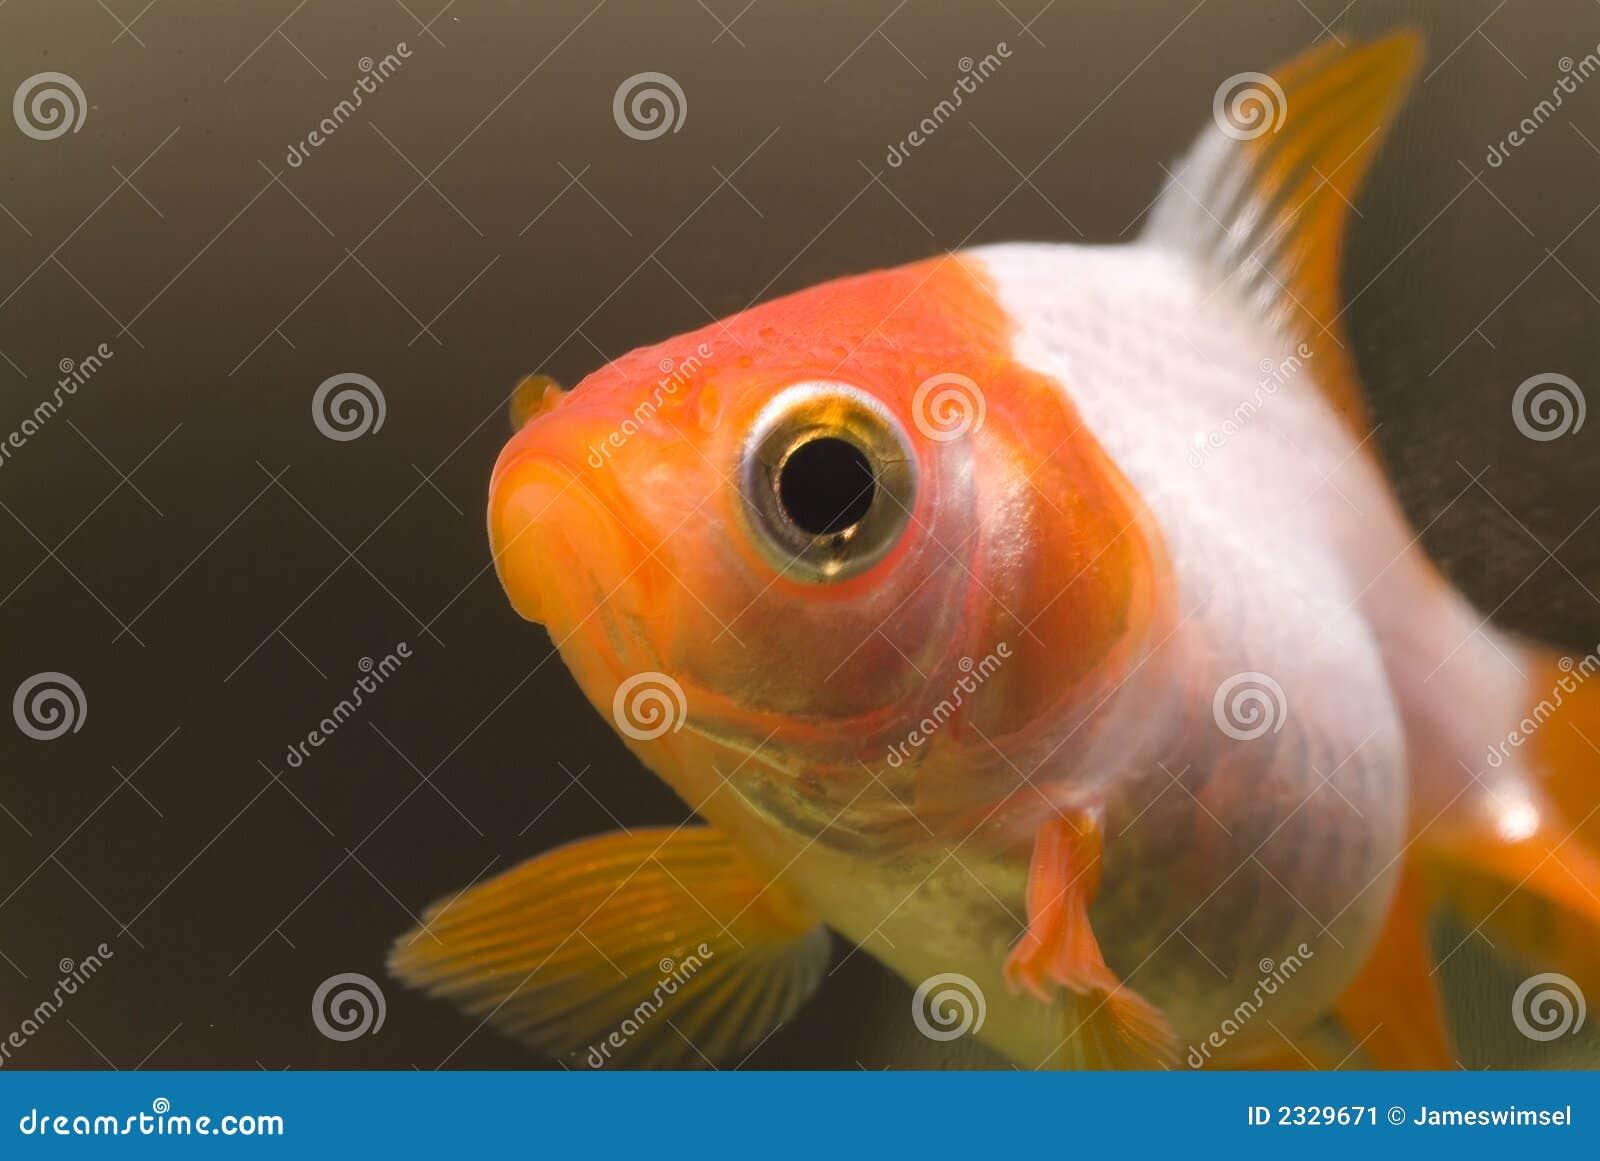 02个金鱼纵向